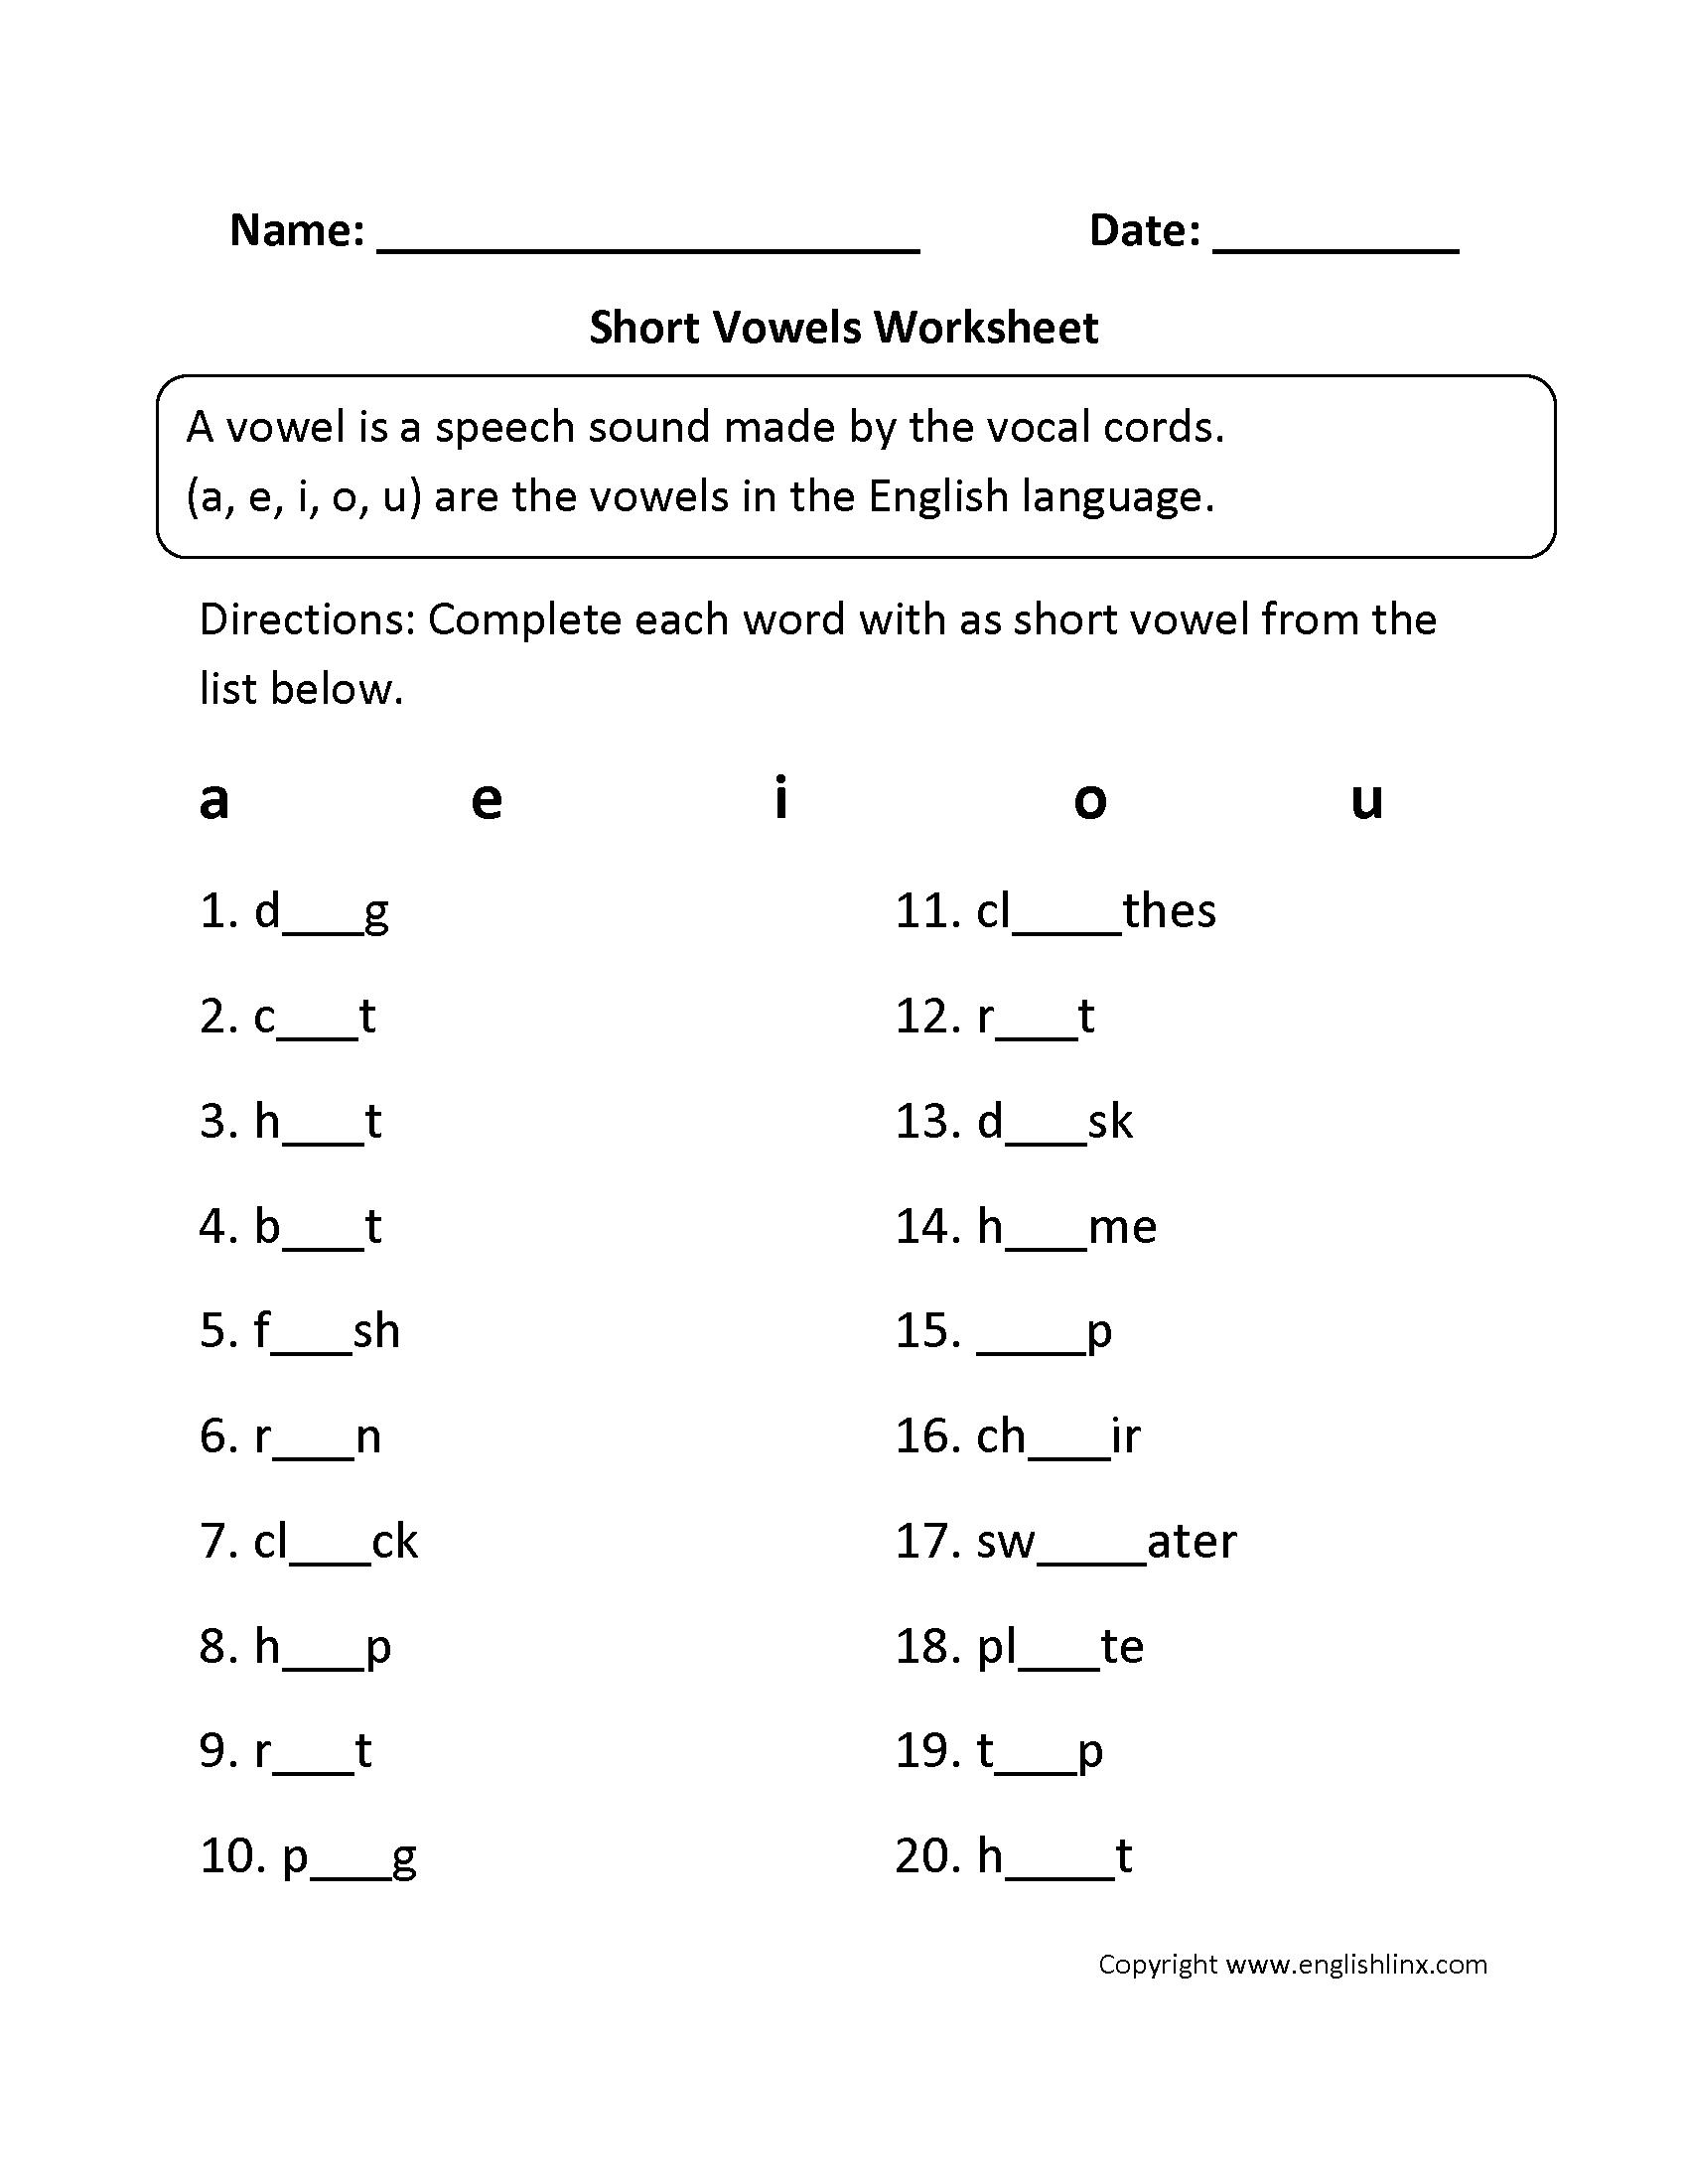 Short Vowels Worksheets 2nd Grade The Best Worksheets Image